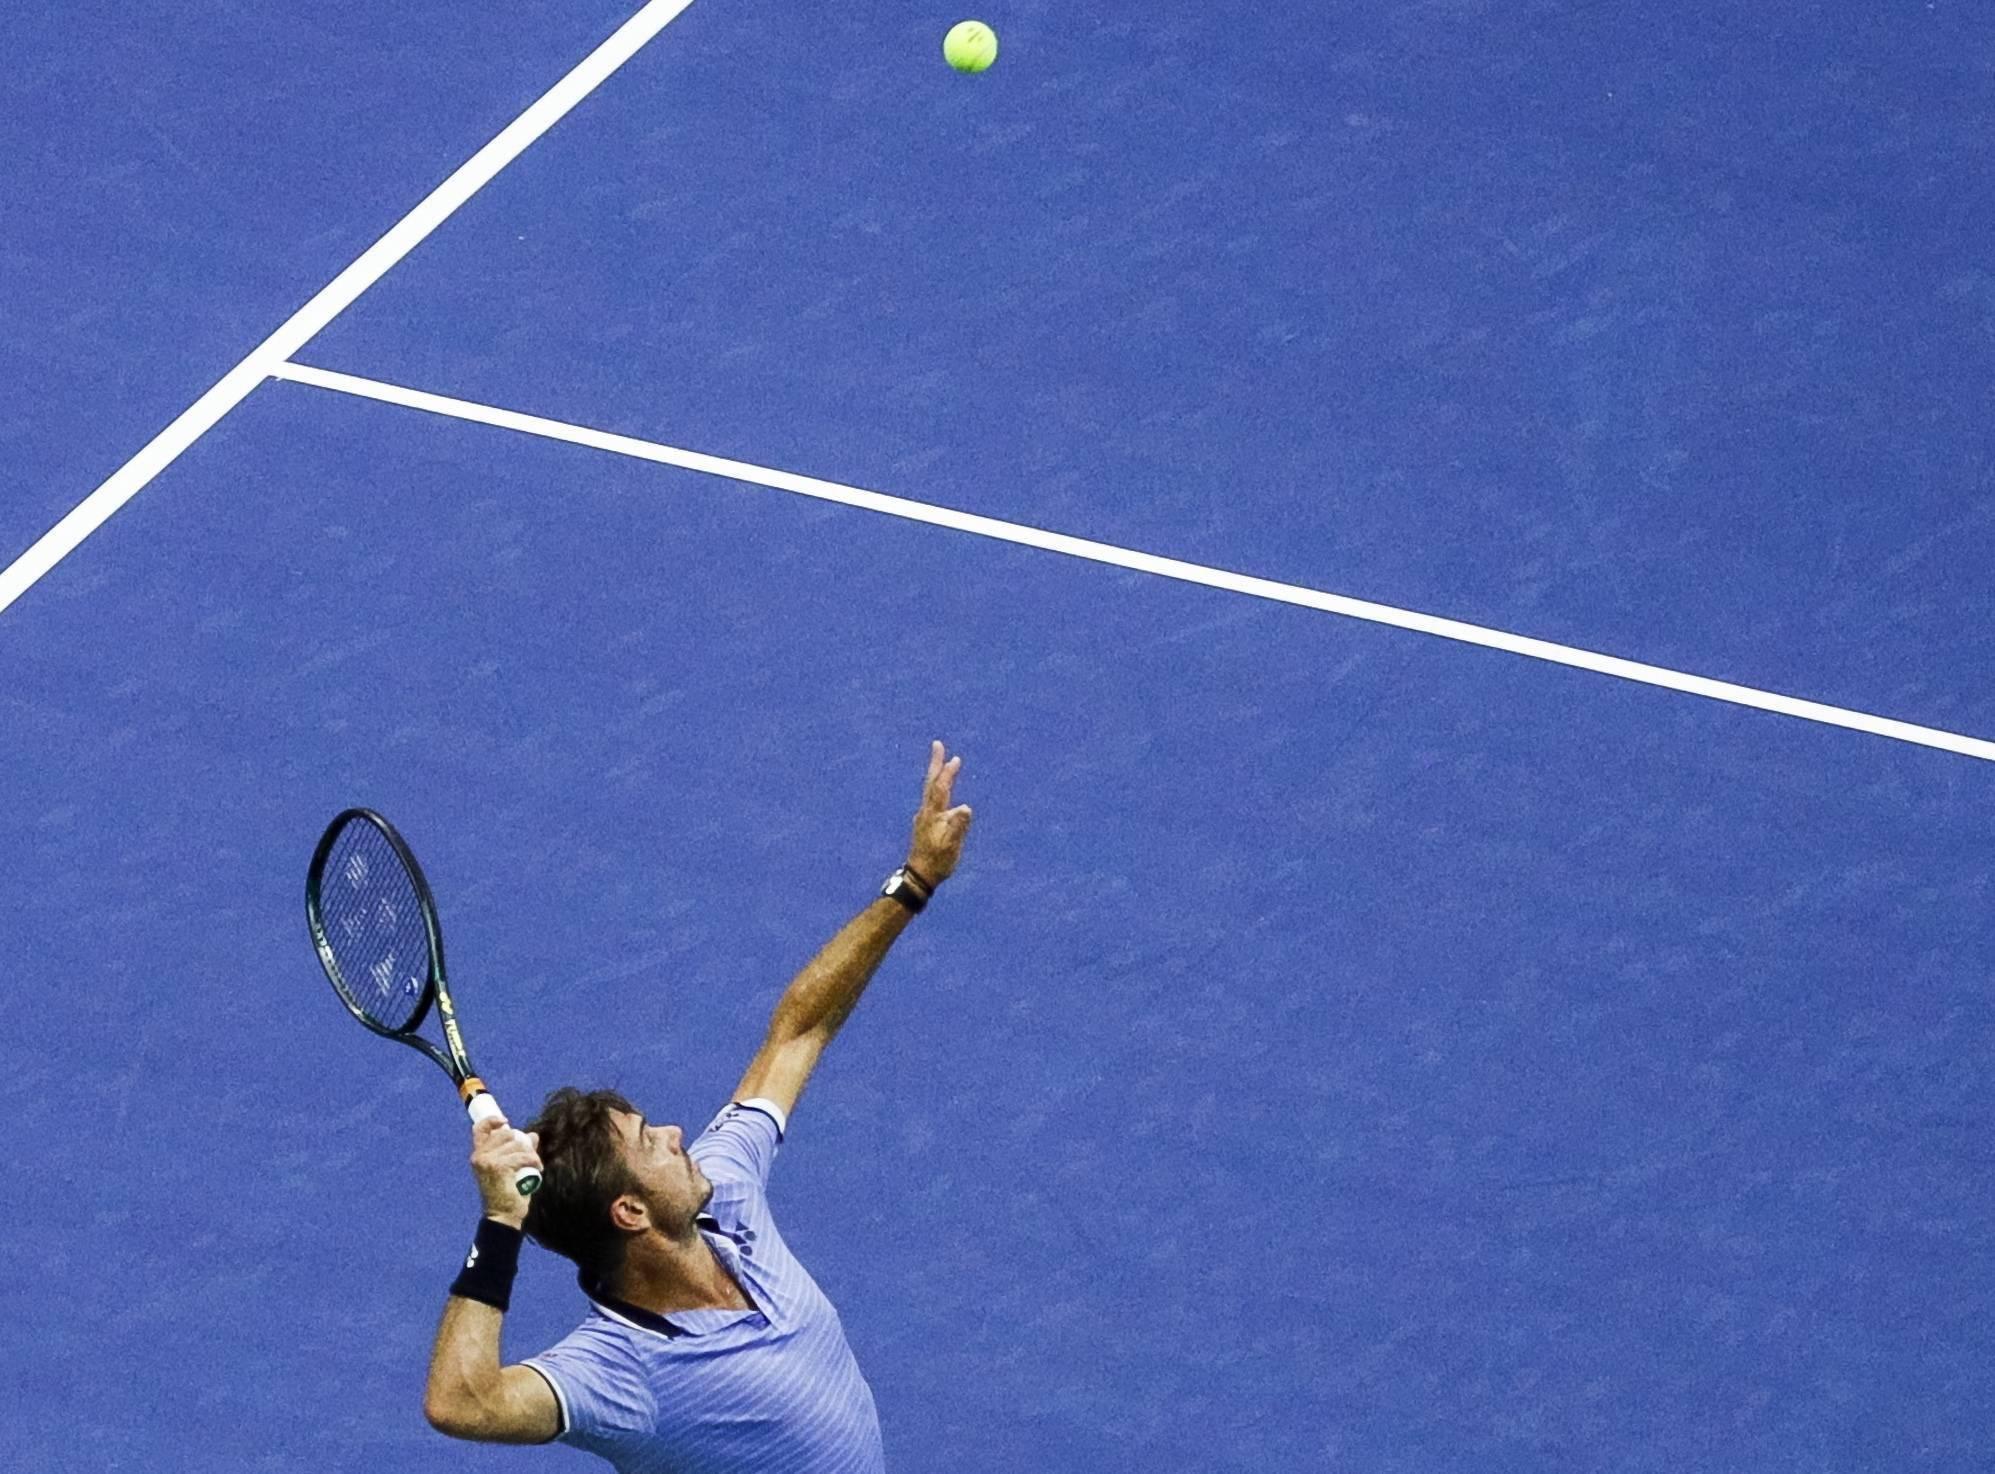 美国网球公开赛阵容堪称史上最惨淡,能